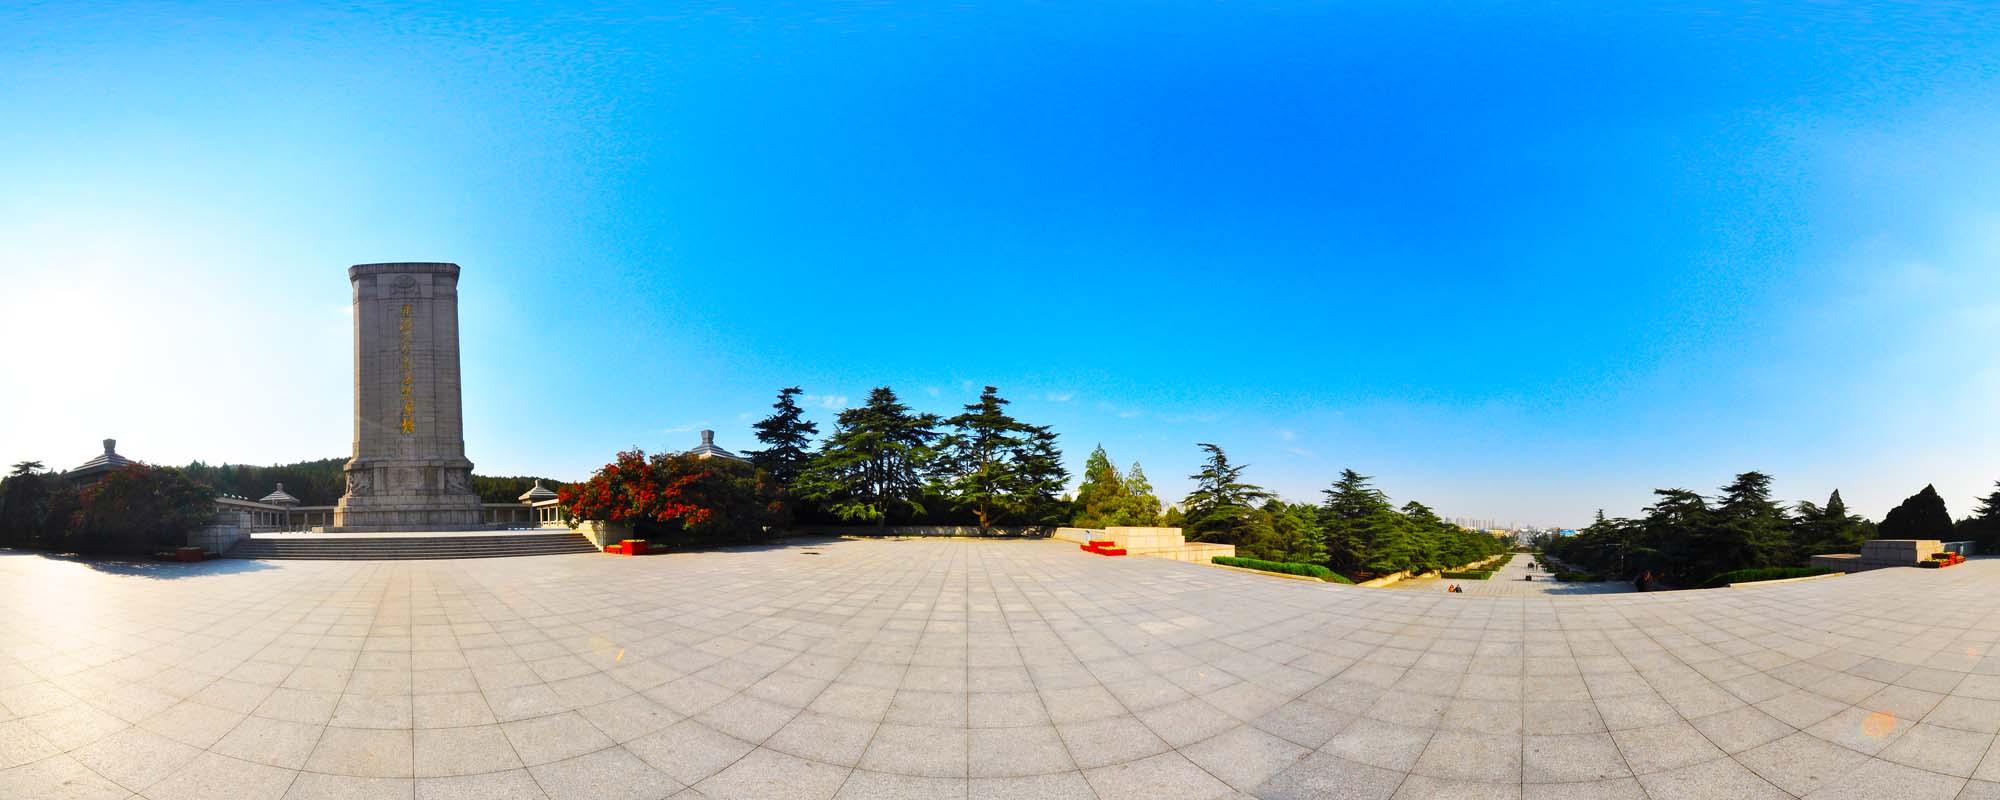 徐州虚拟旅游